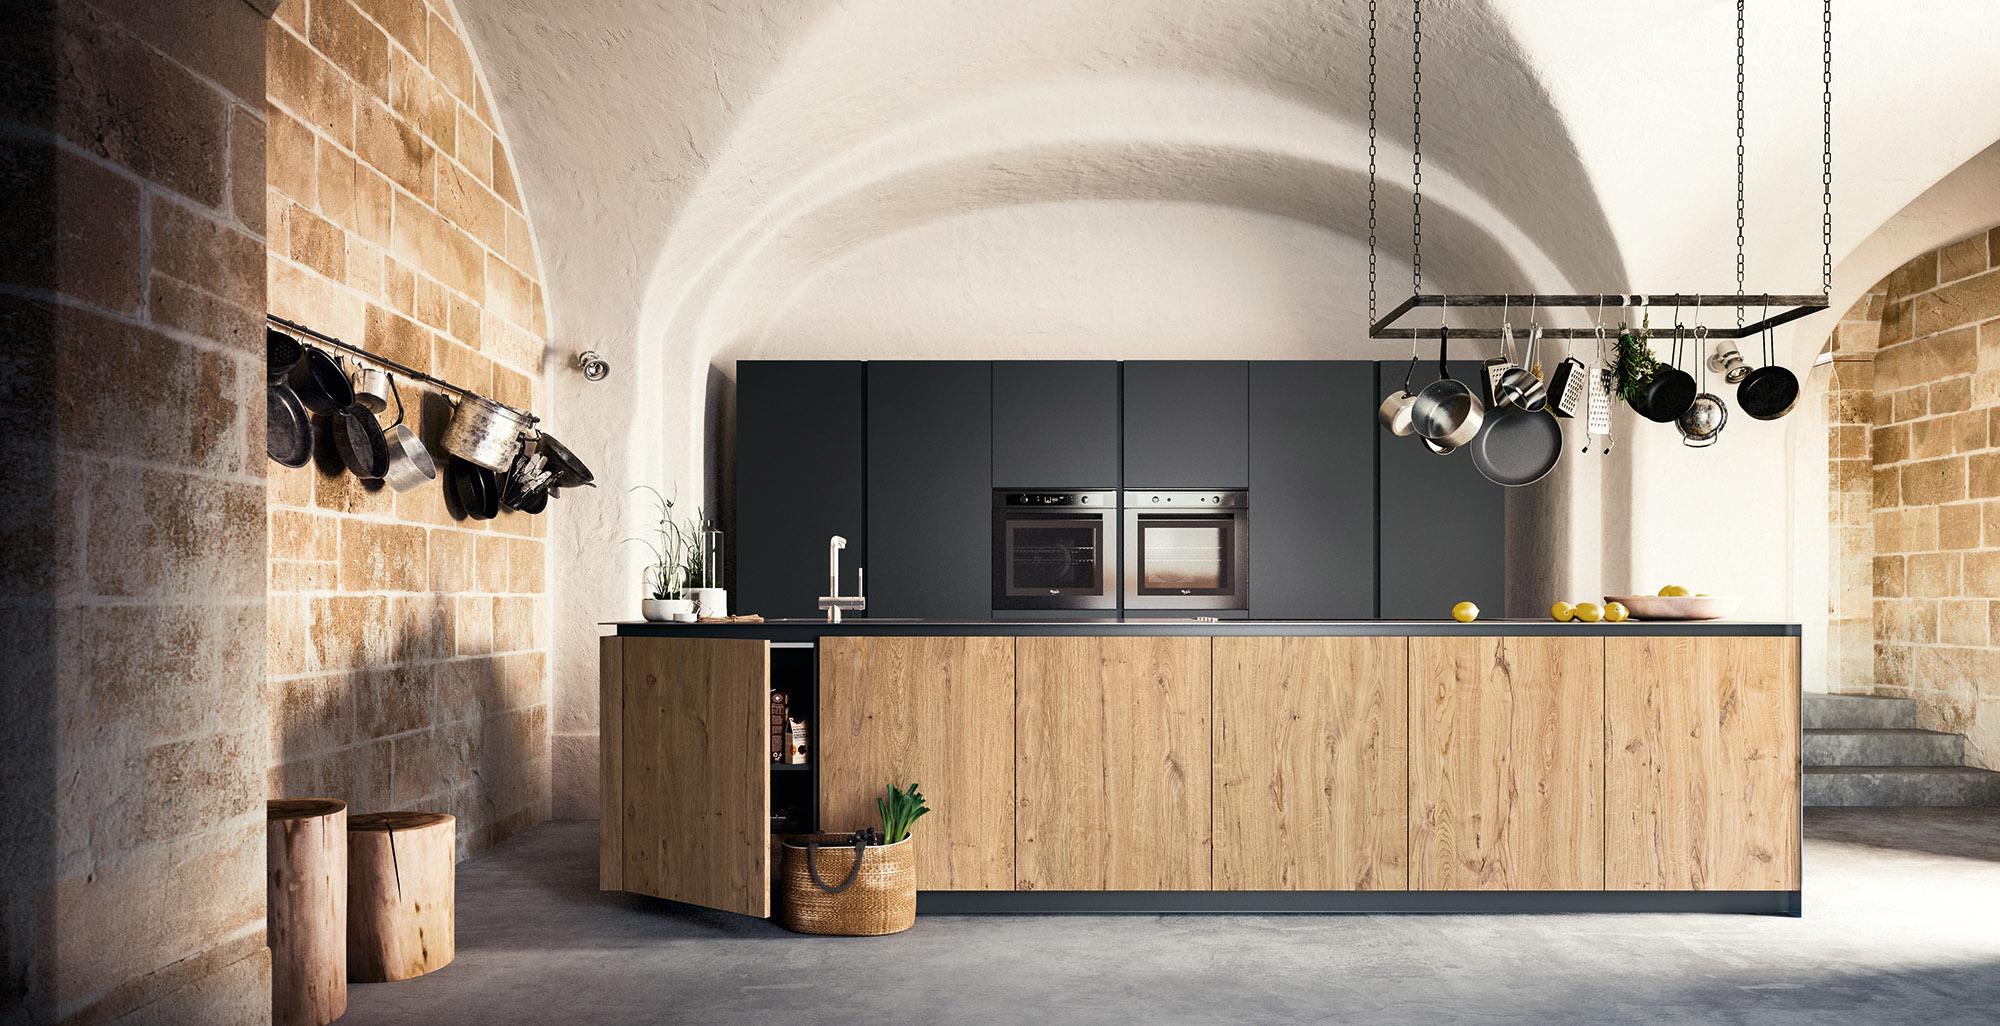 Interior design sorgato arredamenti vicenza for Arredamenti vicenza